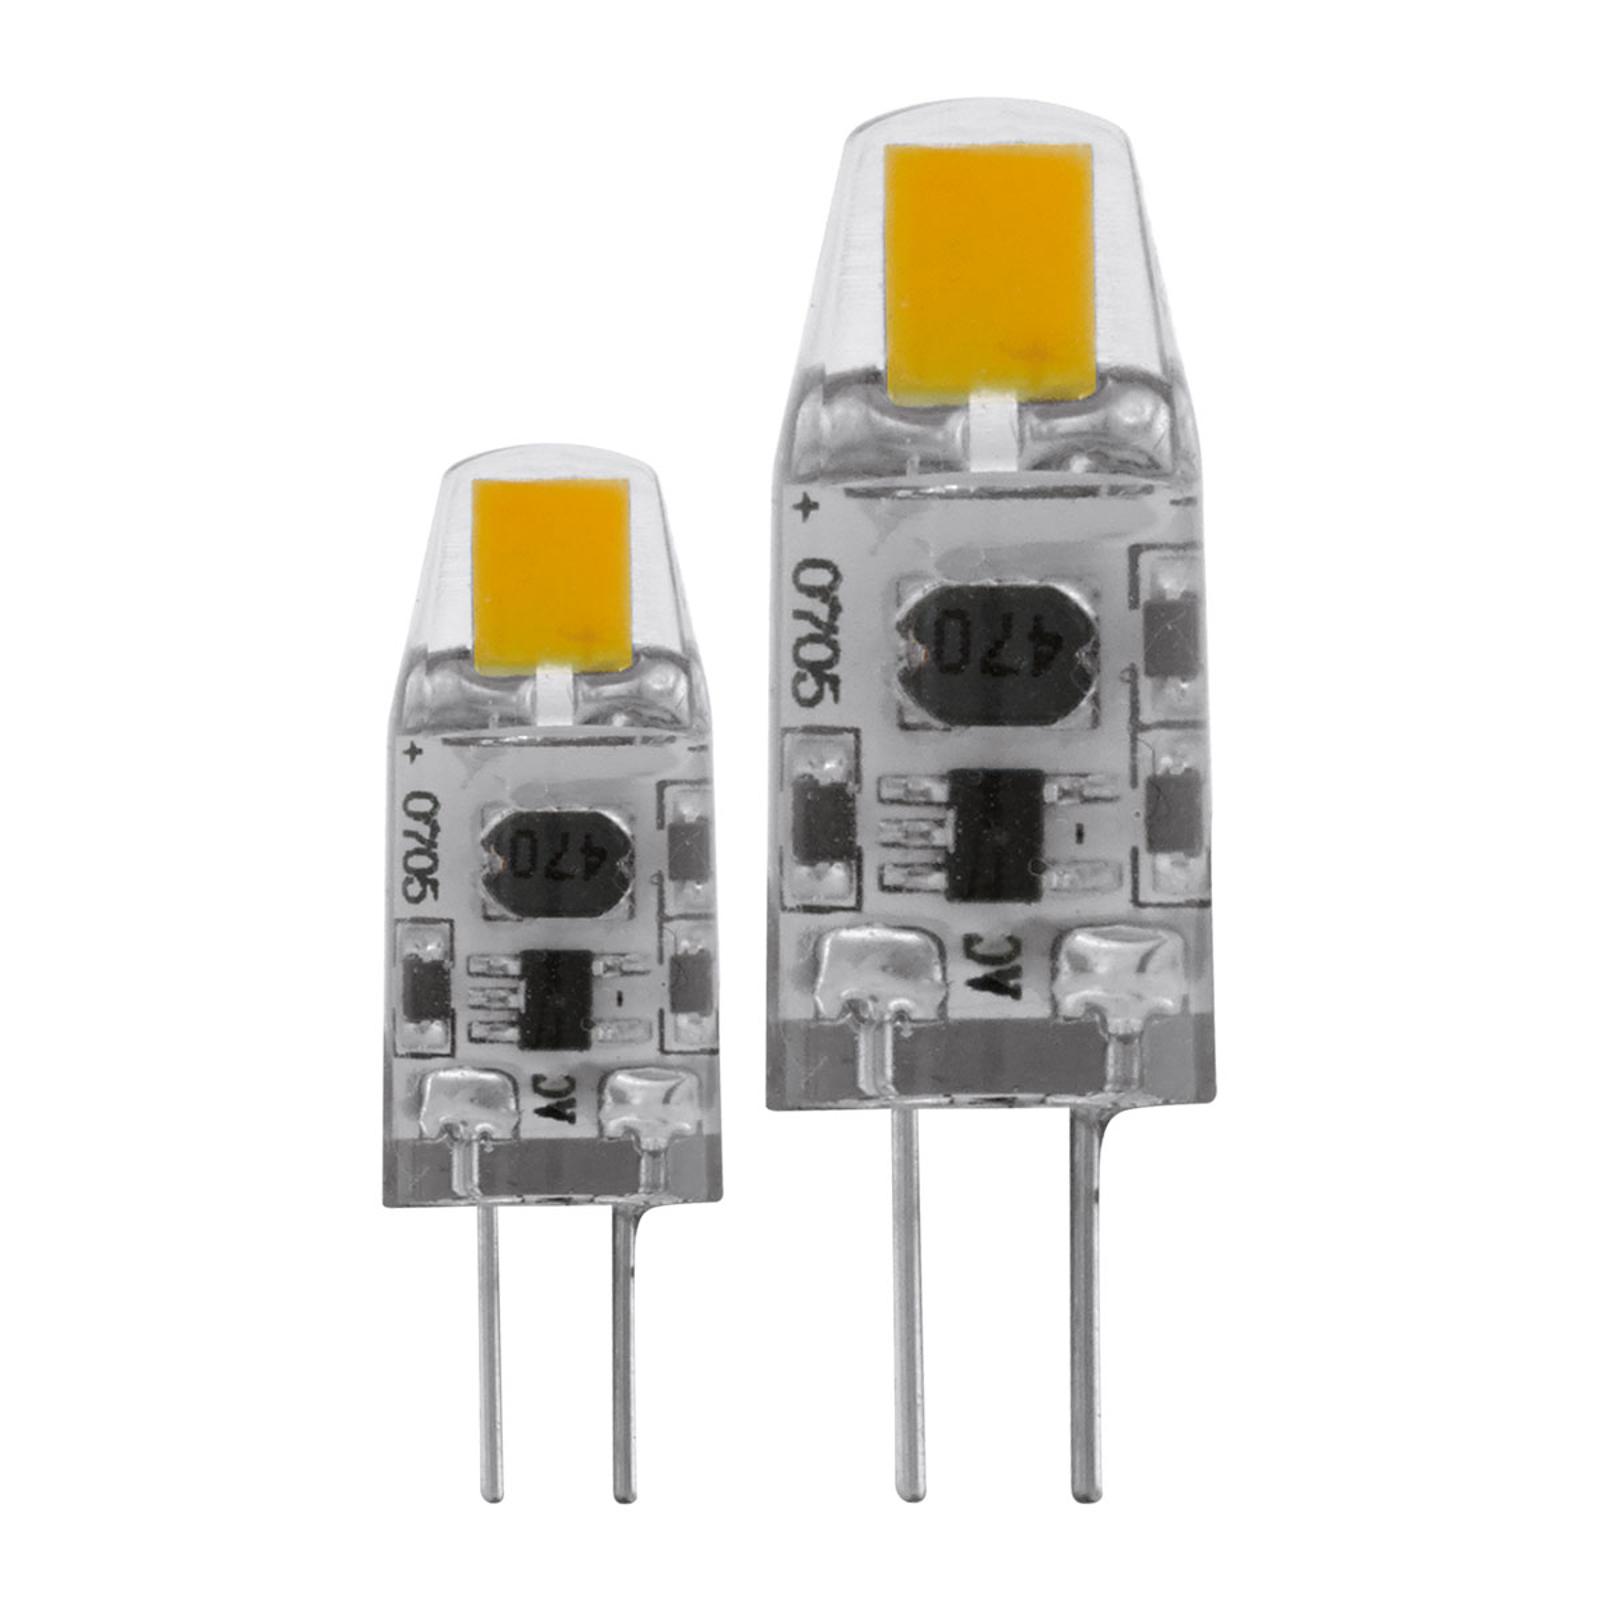 Żarówka LED G4 1,2W, 2700K 2 szt.